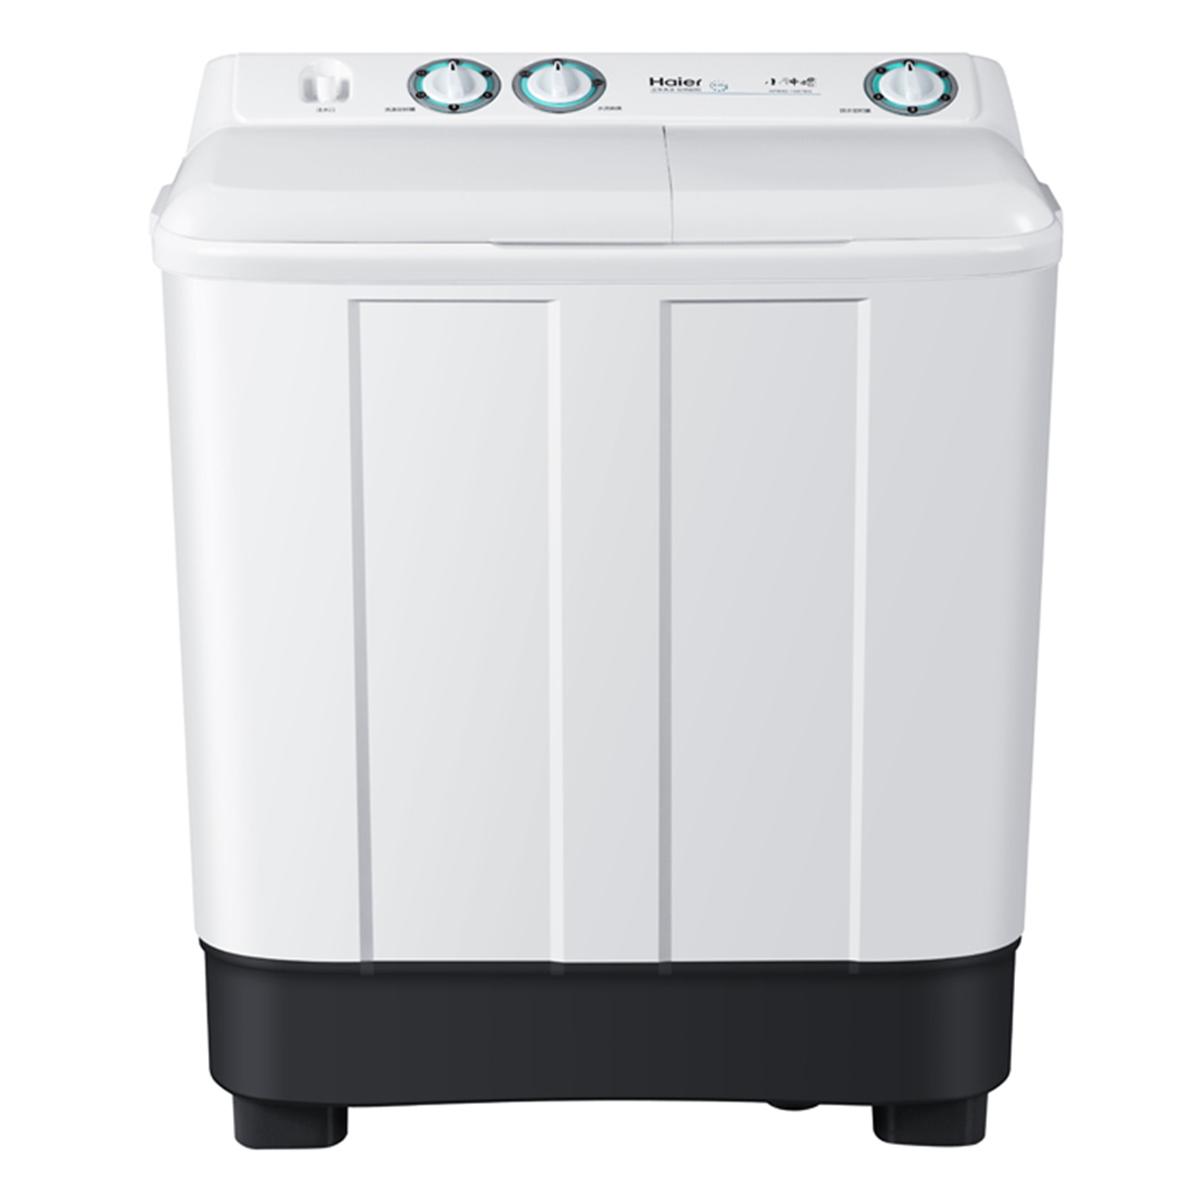 海尔Haier洗衣机 XPB80-1587BS 说明书